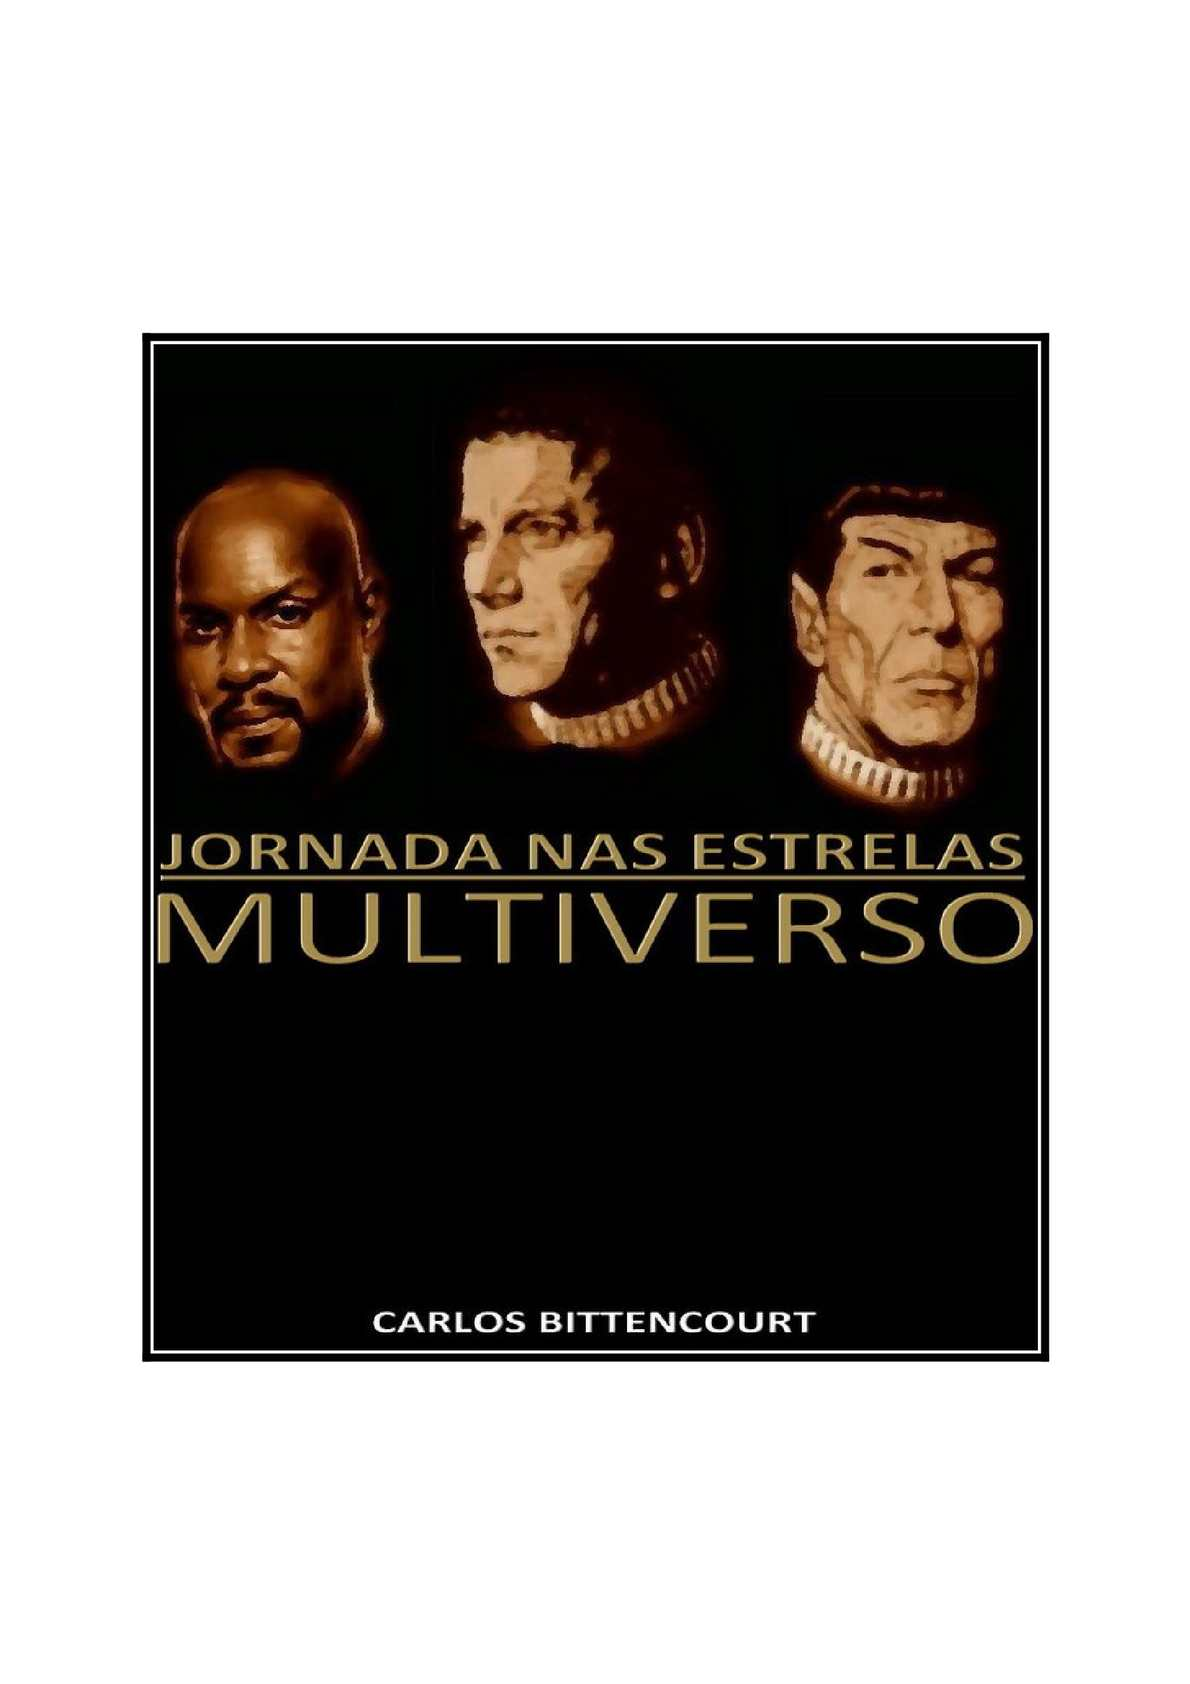 9972bcffc3854 Calaméo - Jornada nas Estrelas Multiverso